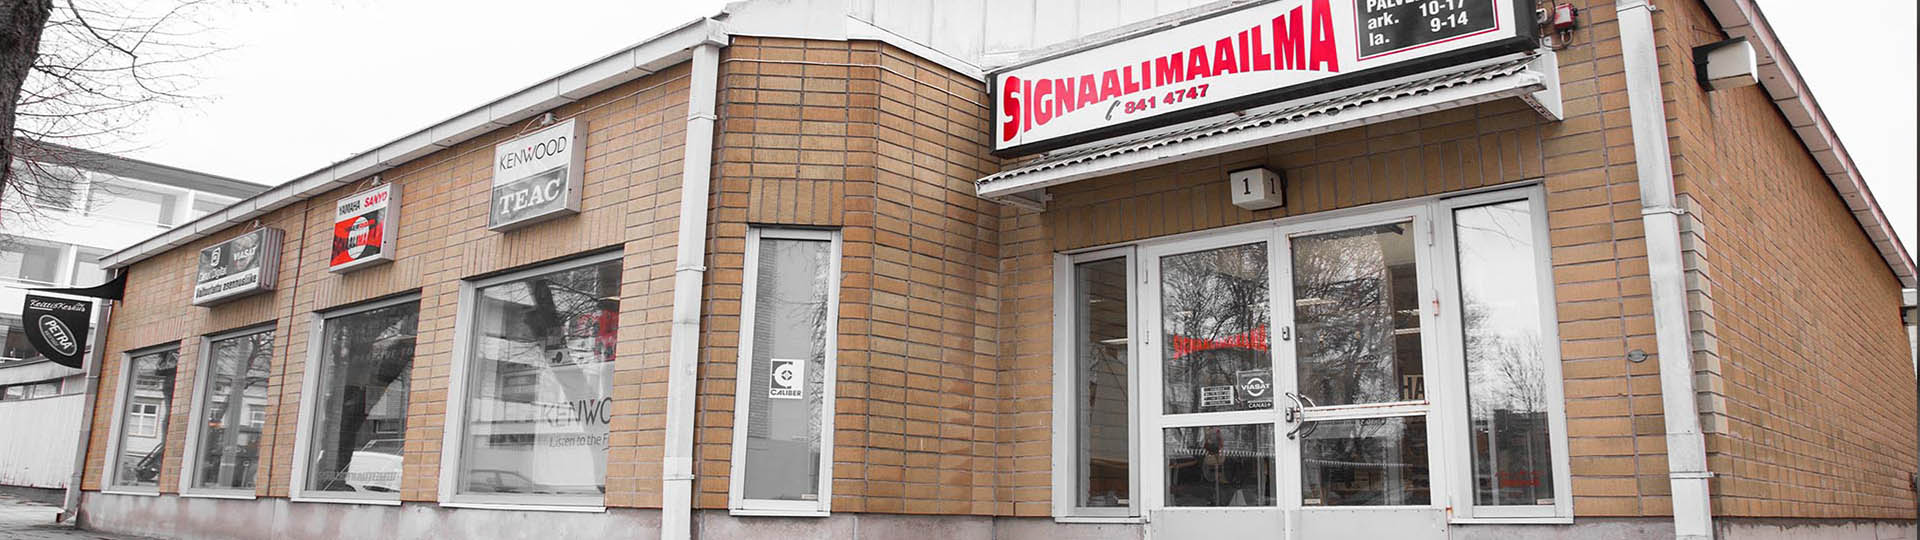 Signaalimaailma